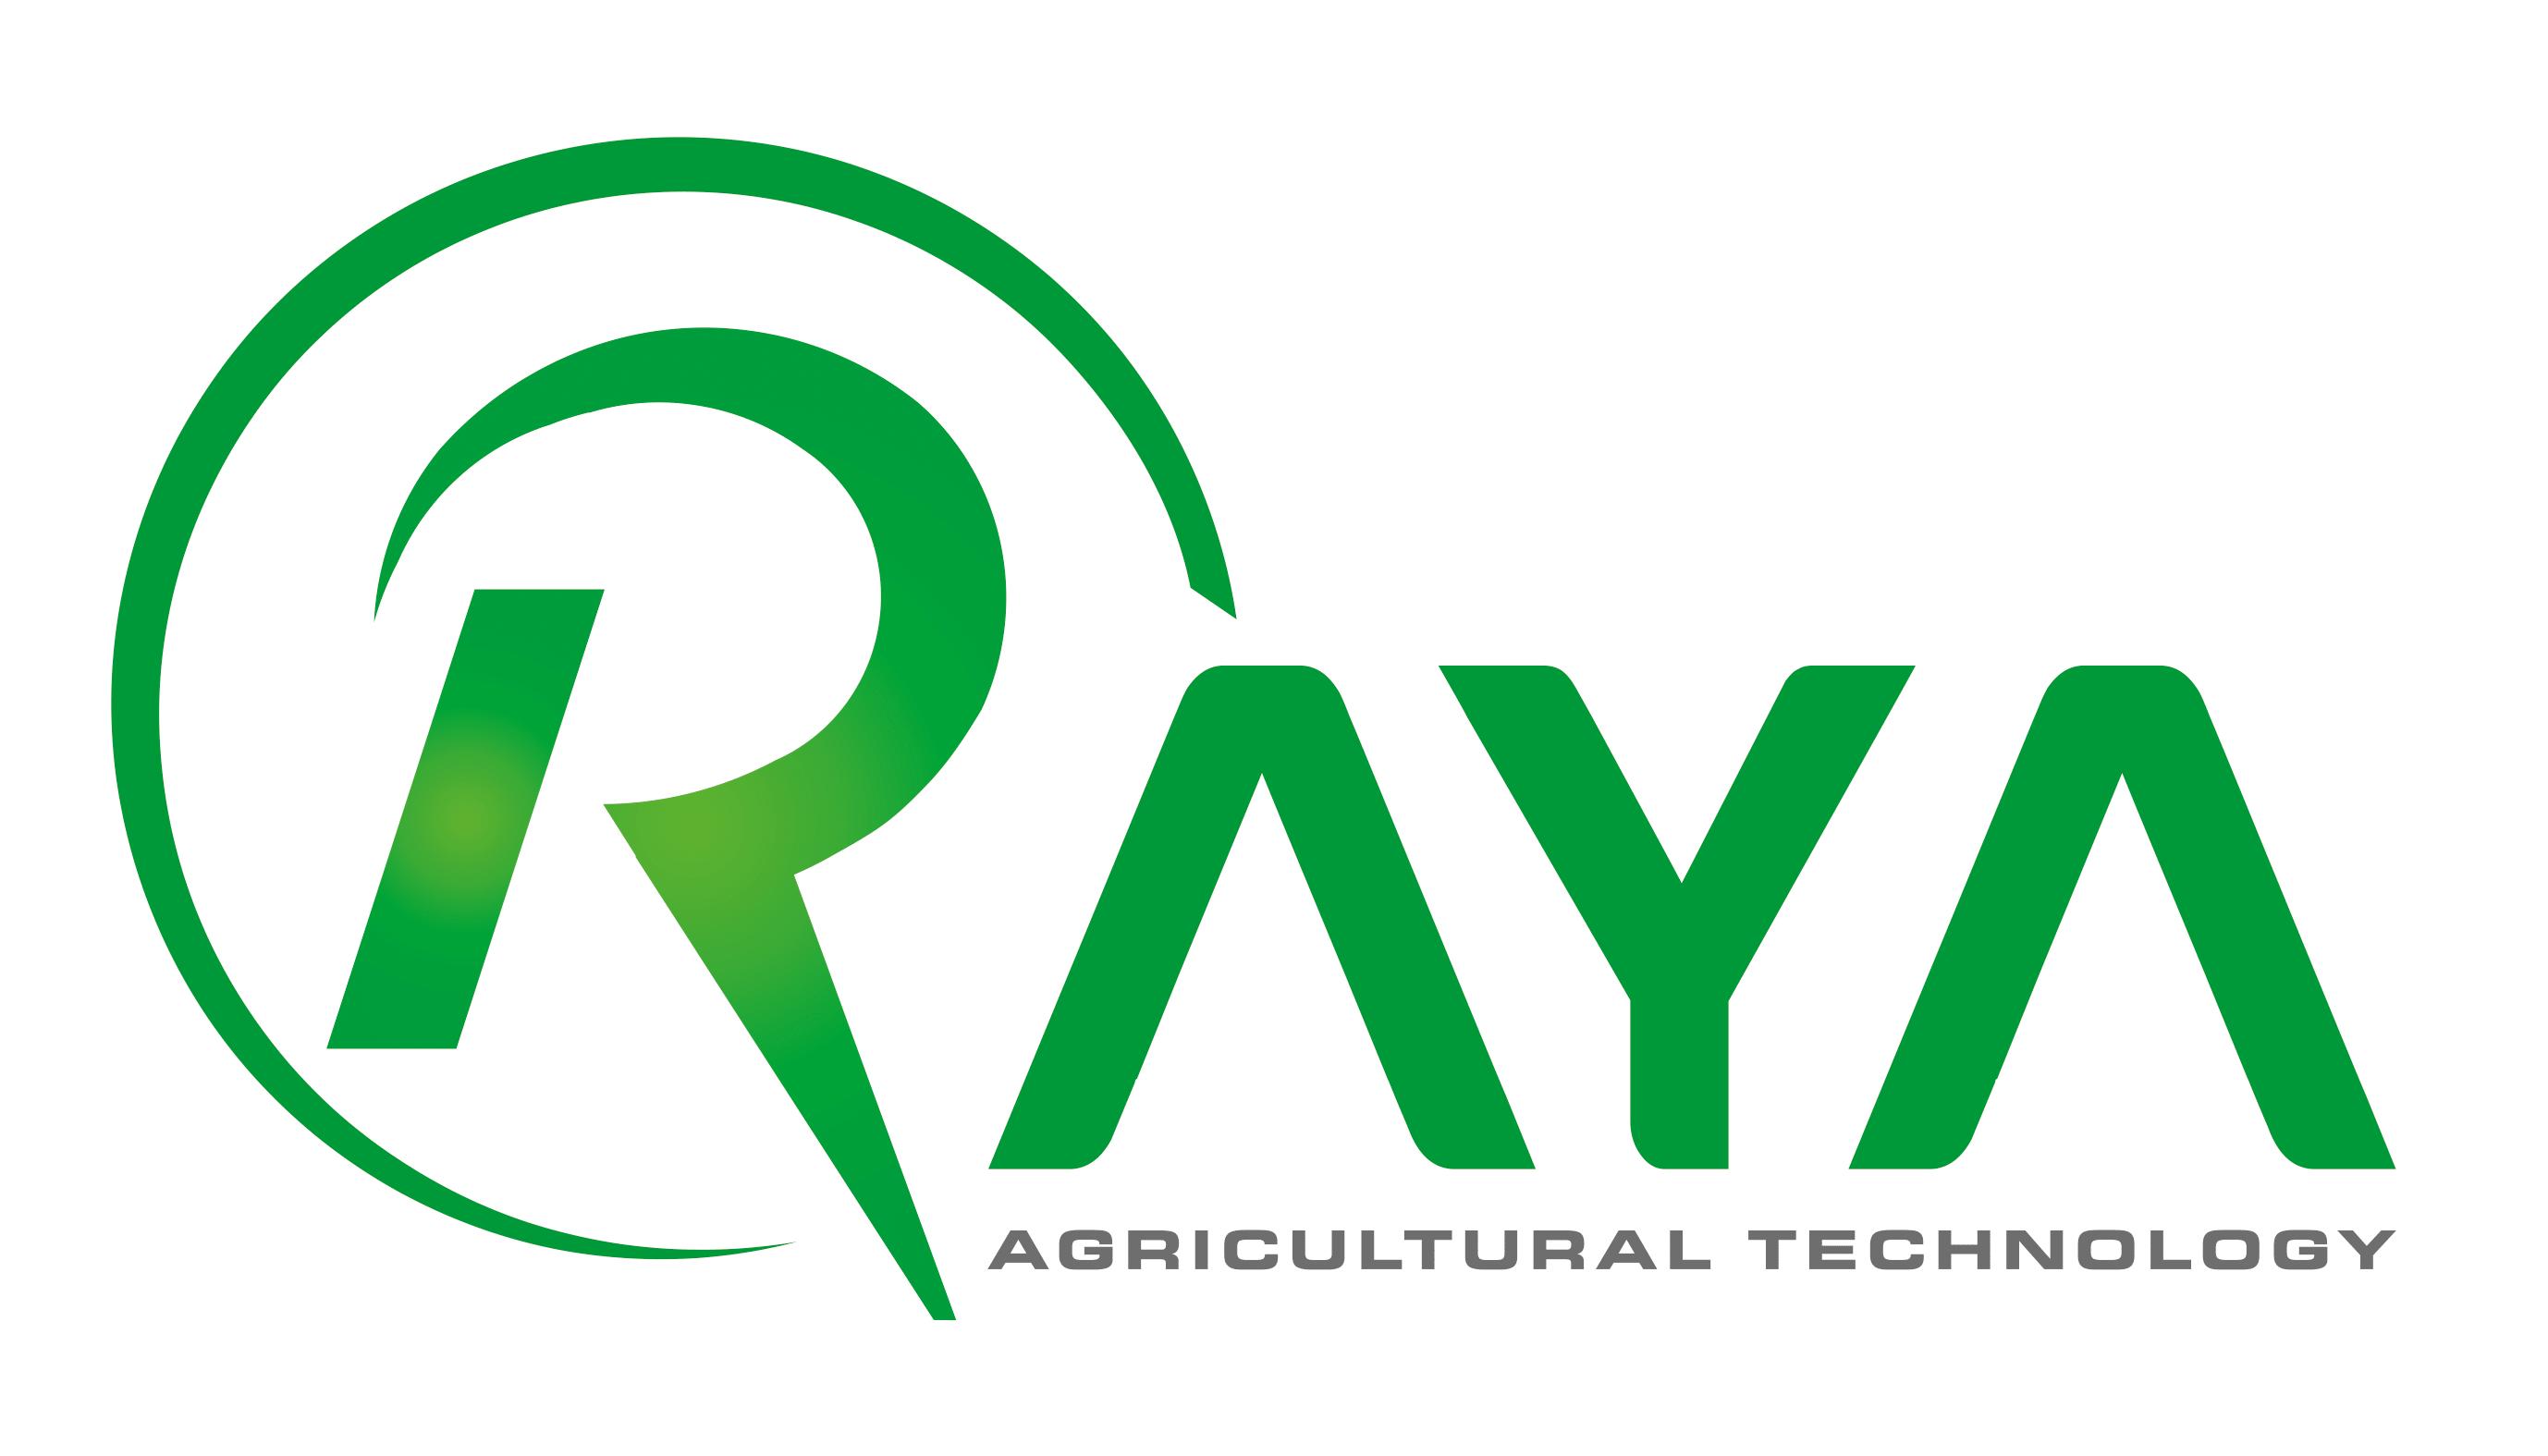 شركة راية لتكنولوجيا الزراعة